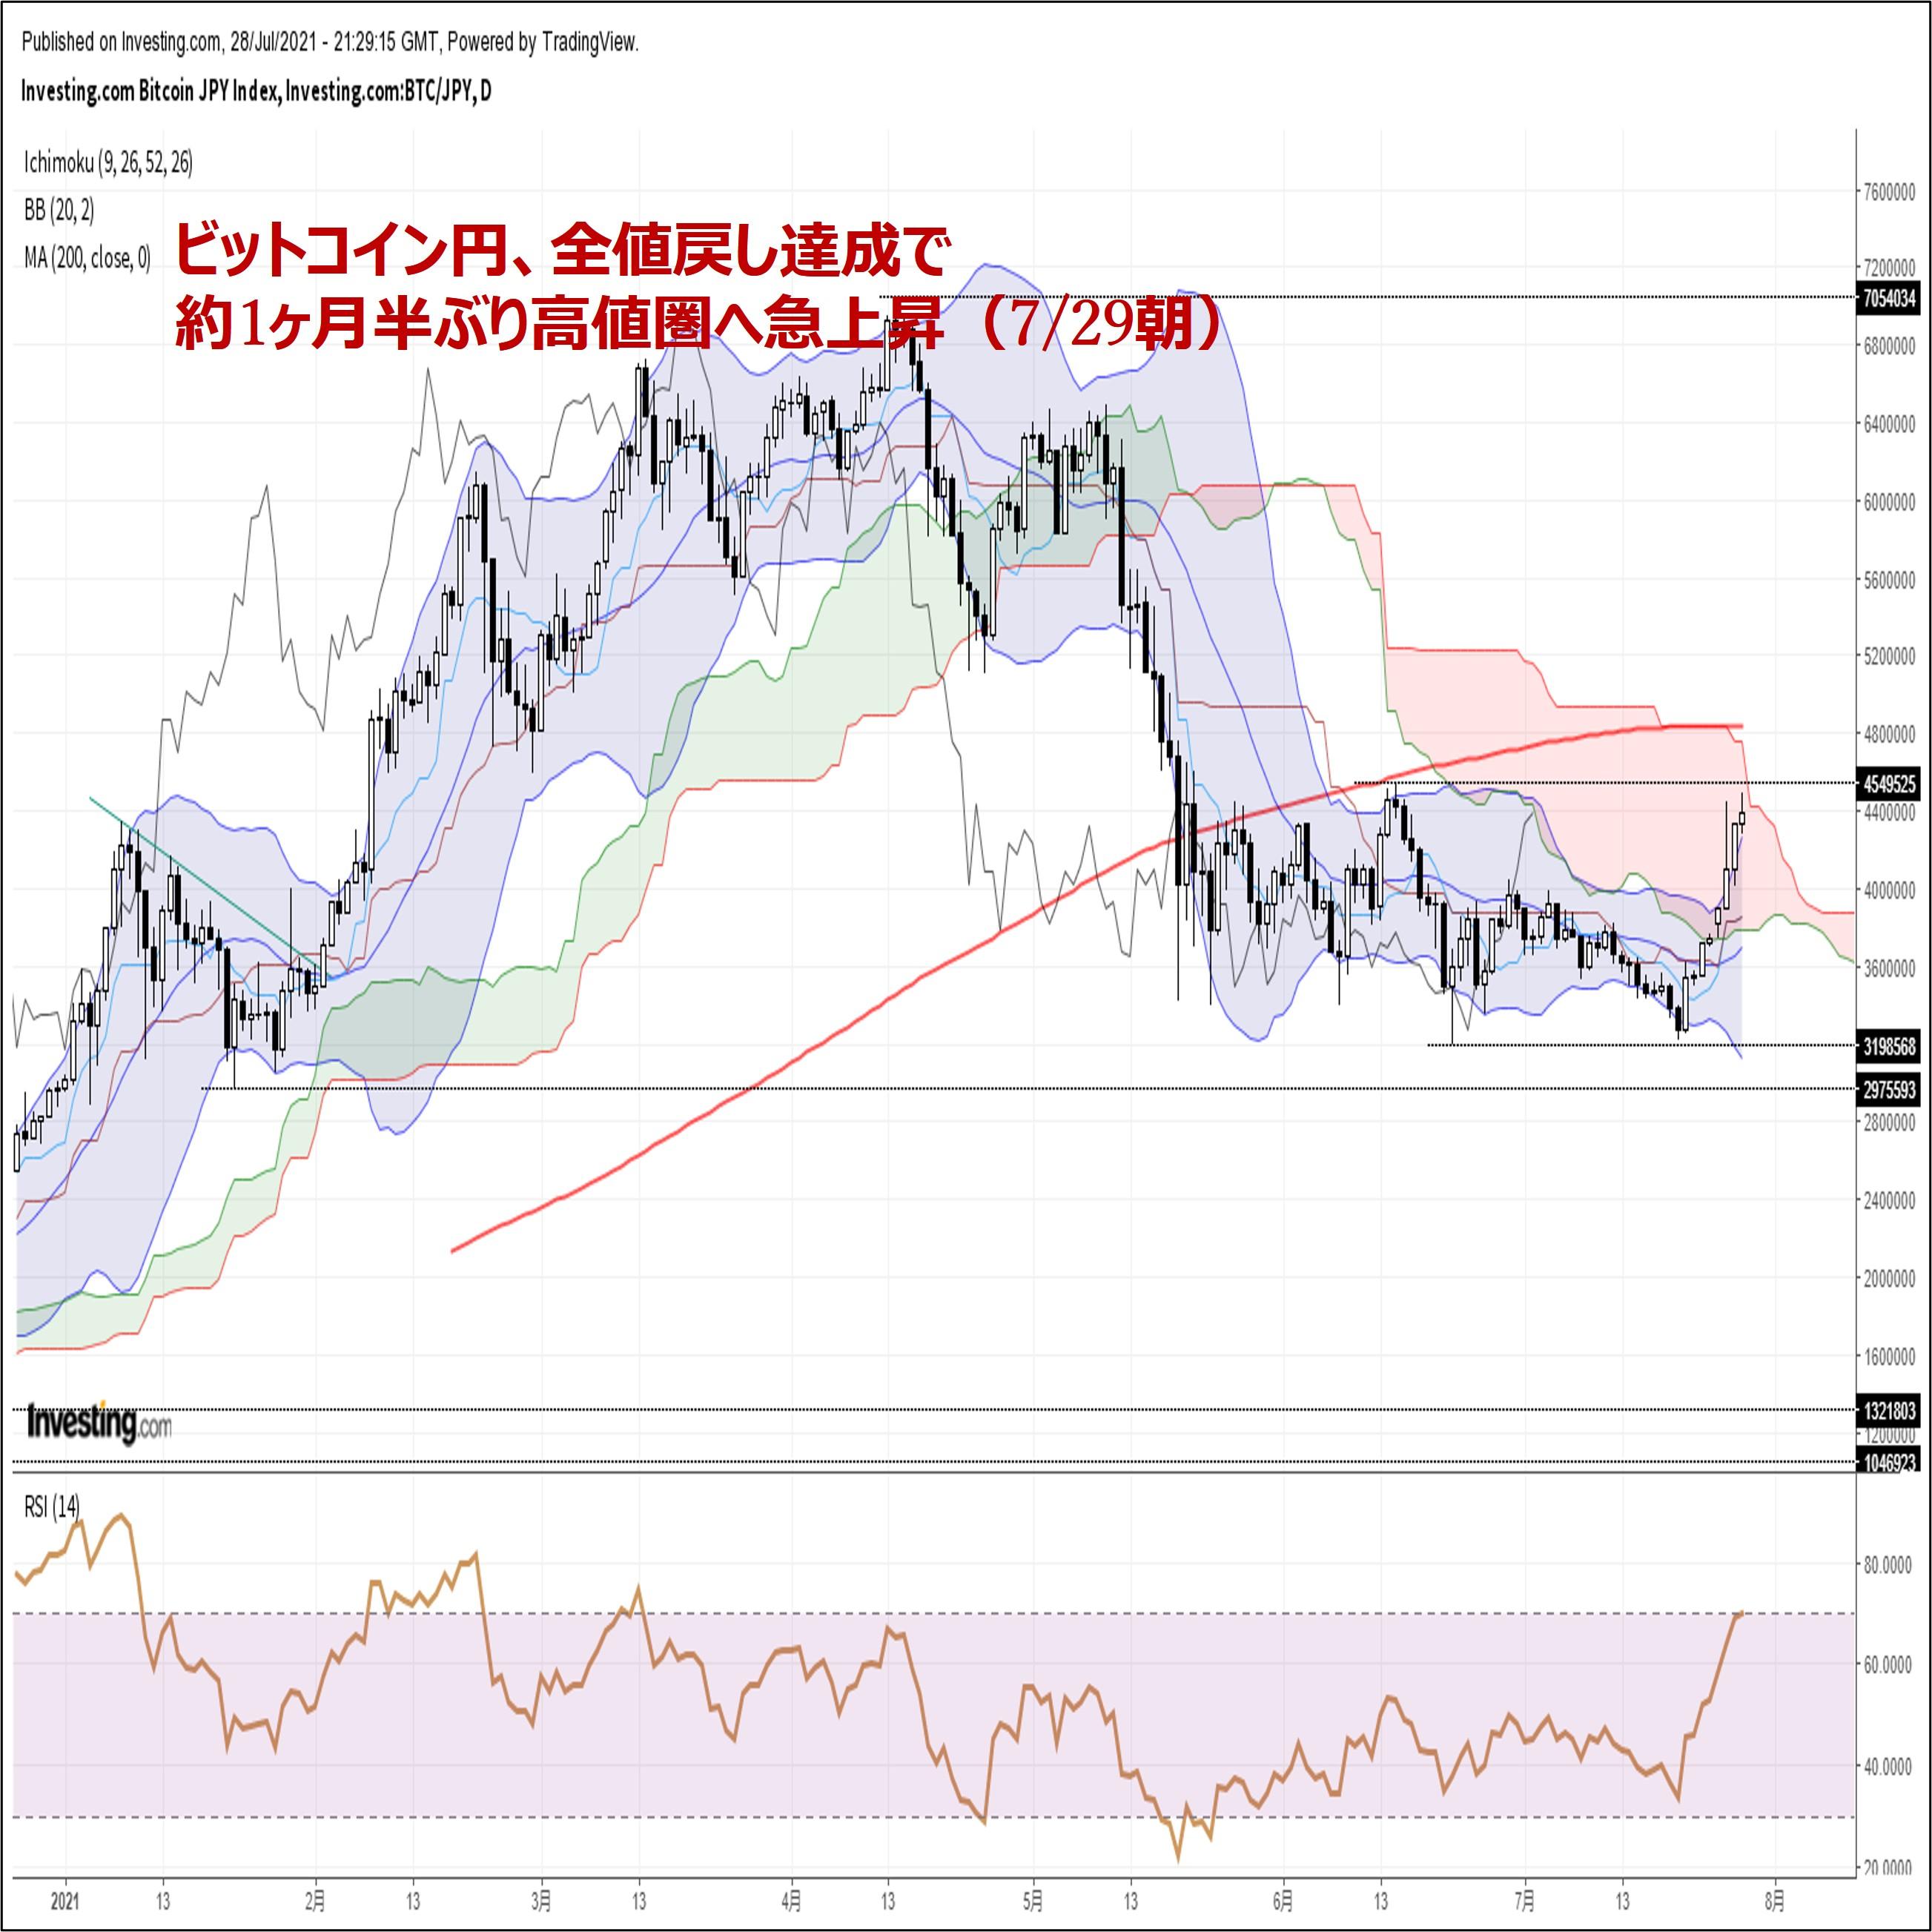 ビットコイン円、全値戻し達成で約1ヶ月半ぶり高値圏へ急上昇(7/29朝)